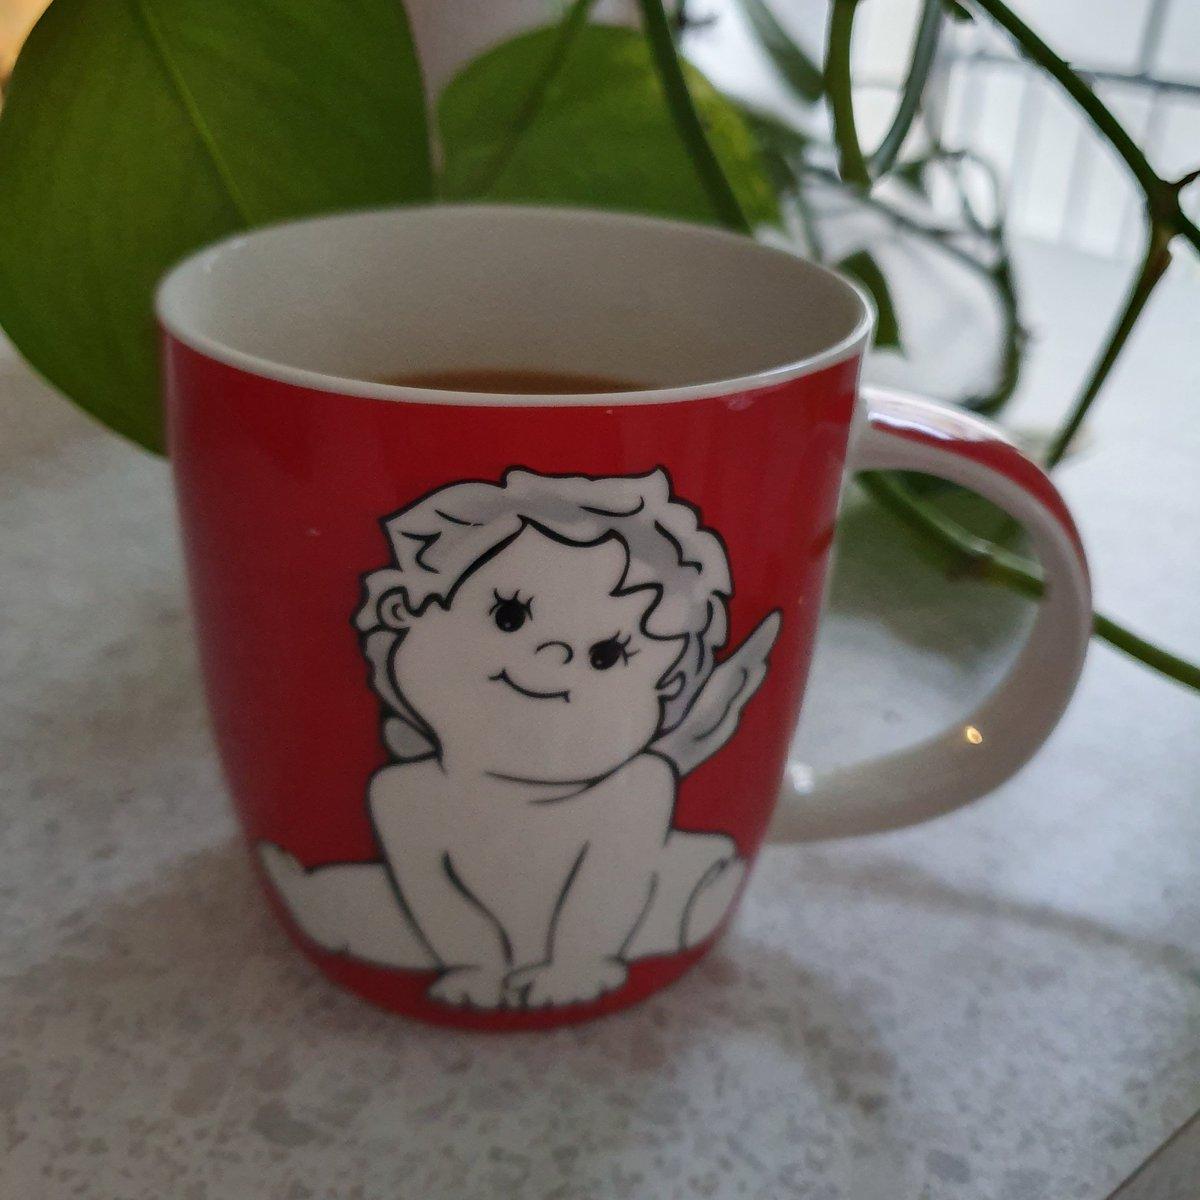 Svenja Stadler On Twitter Guten Morgen Bergfest Kaffee